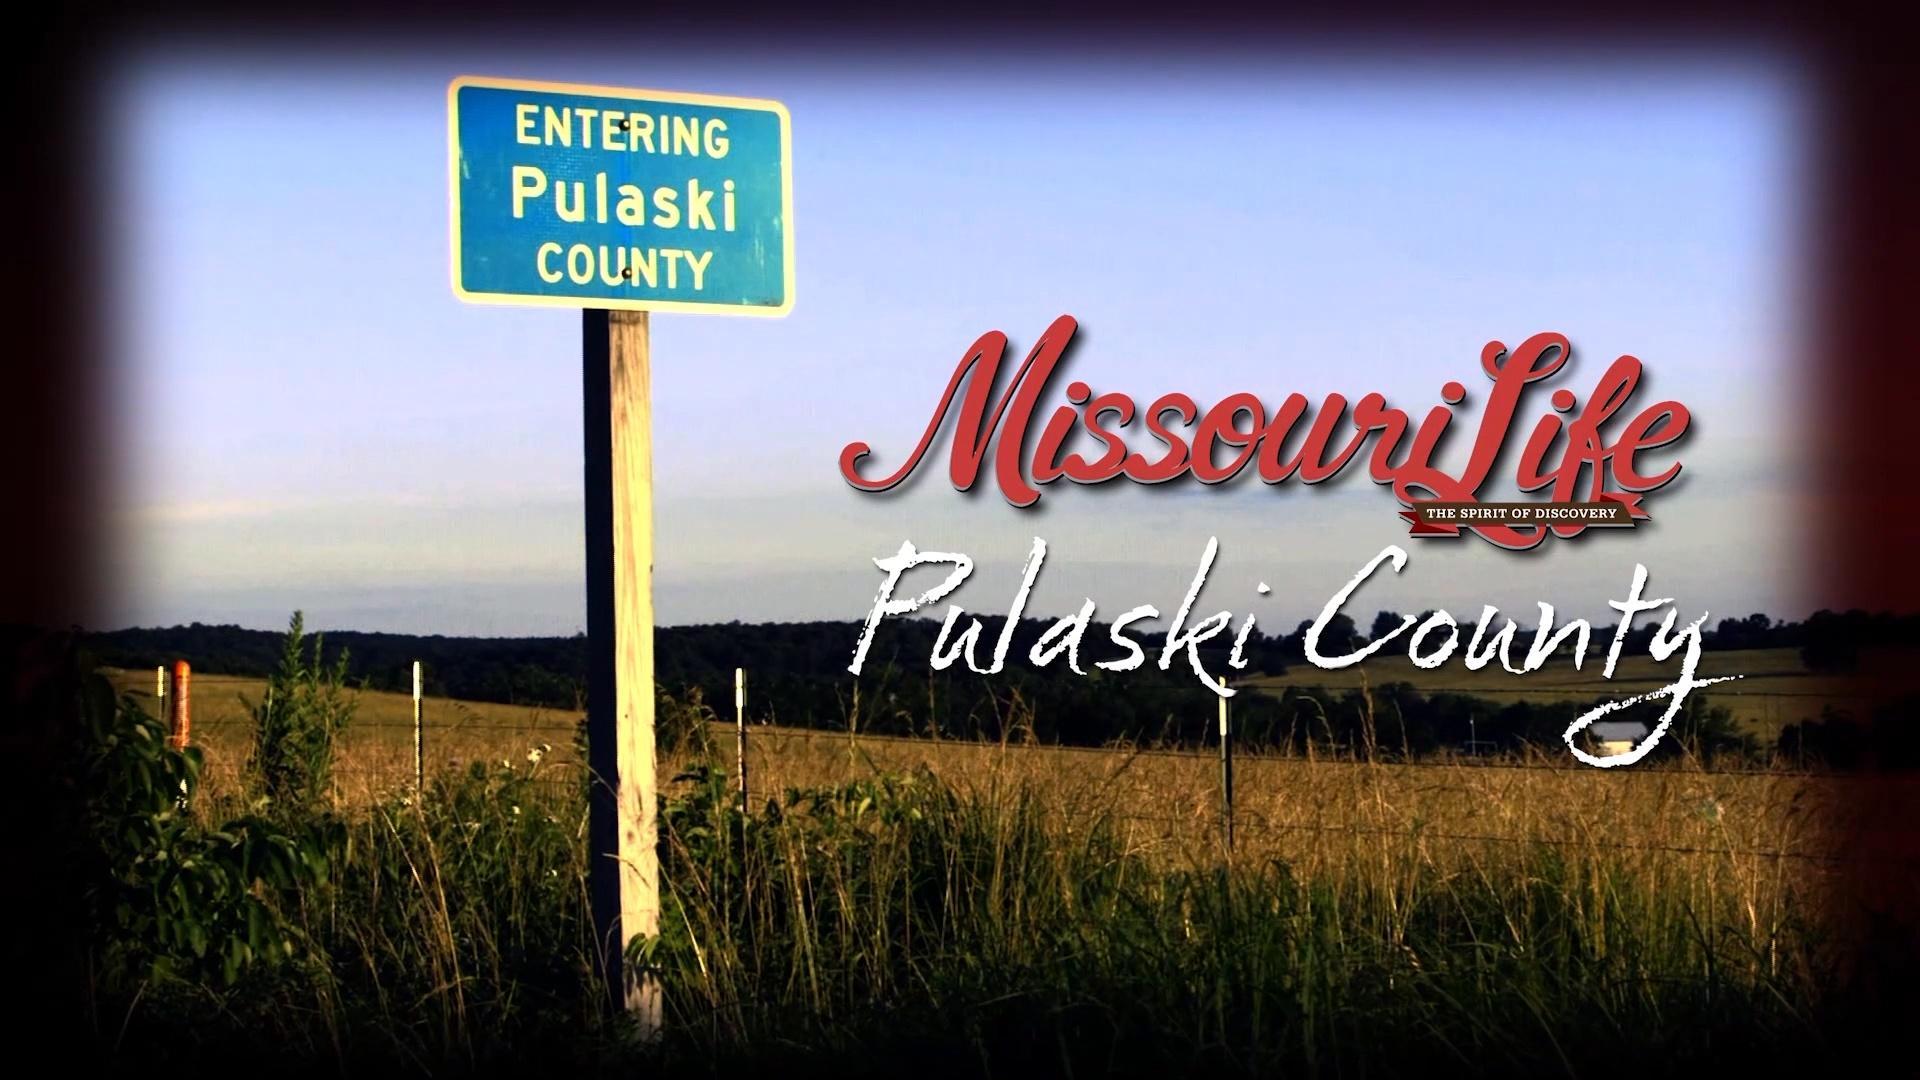 Missouri Life #306 Pulaski County